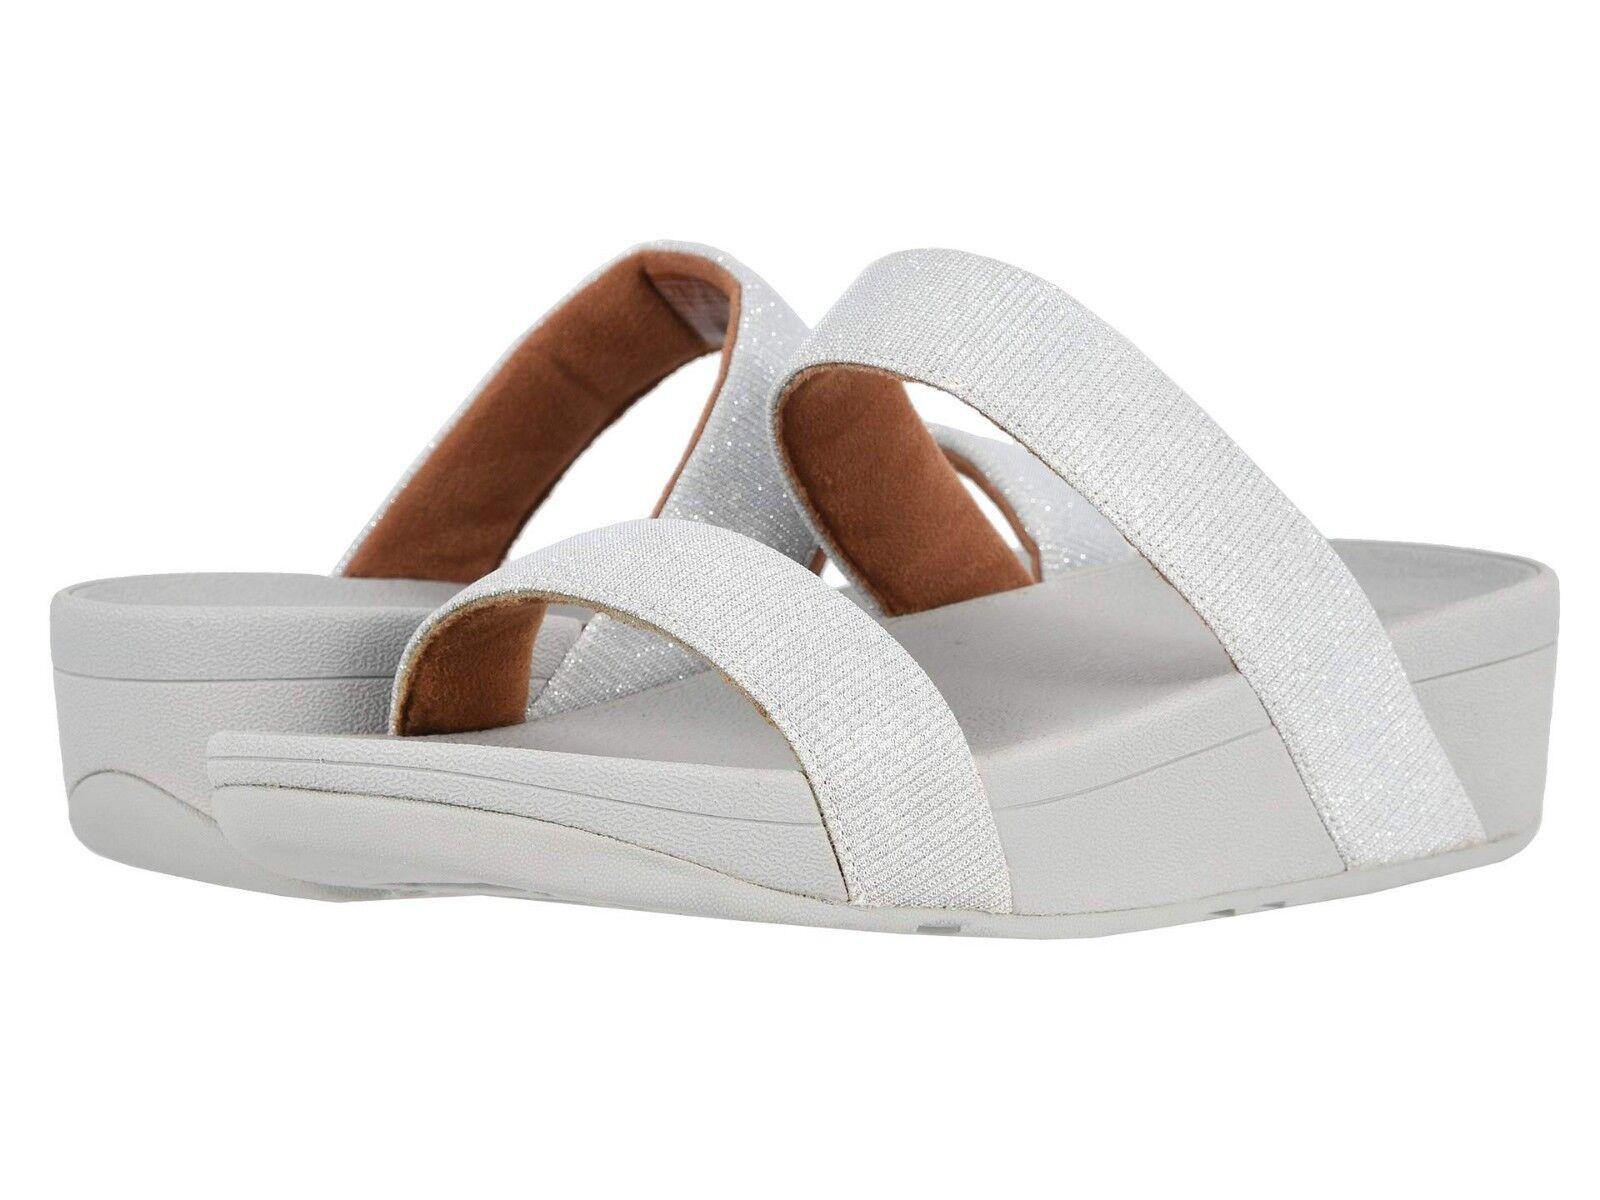 Women's Shoes Fitflop LOTTIE GLITZY SLIDE Arch Support Sanda